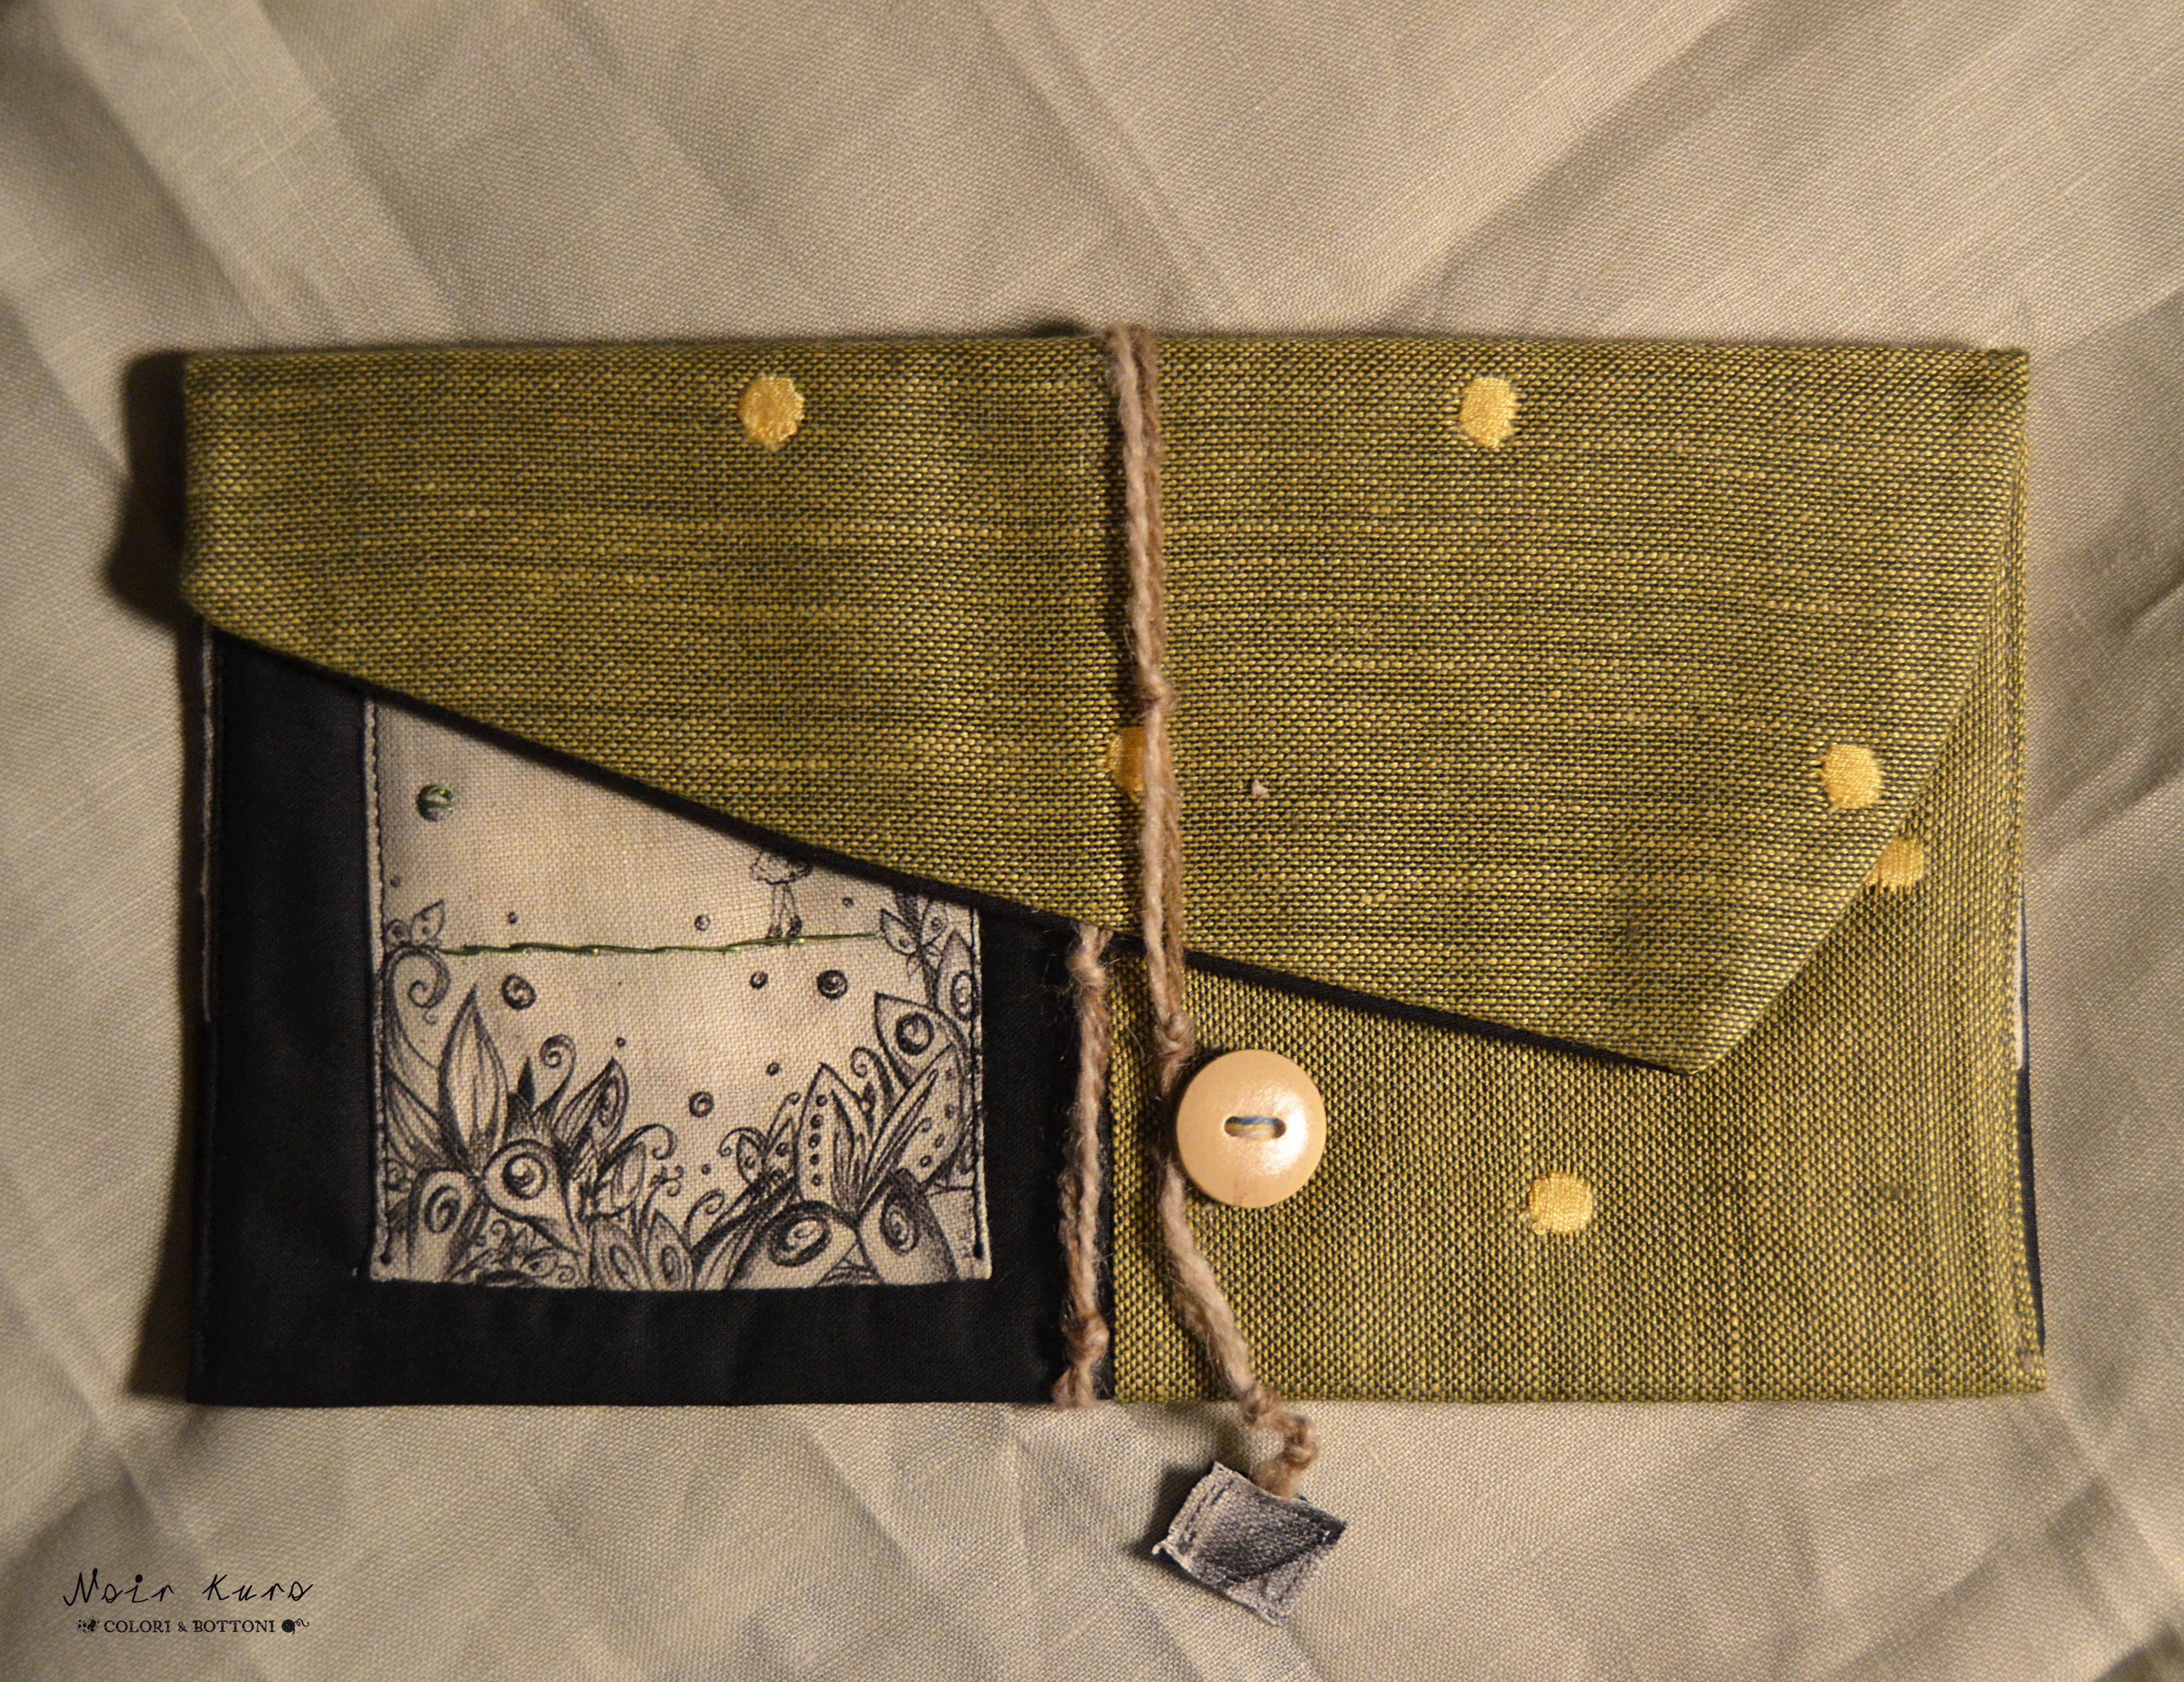 NoirKuro   Printed textile case